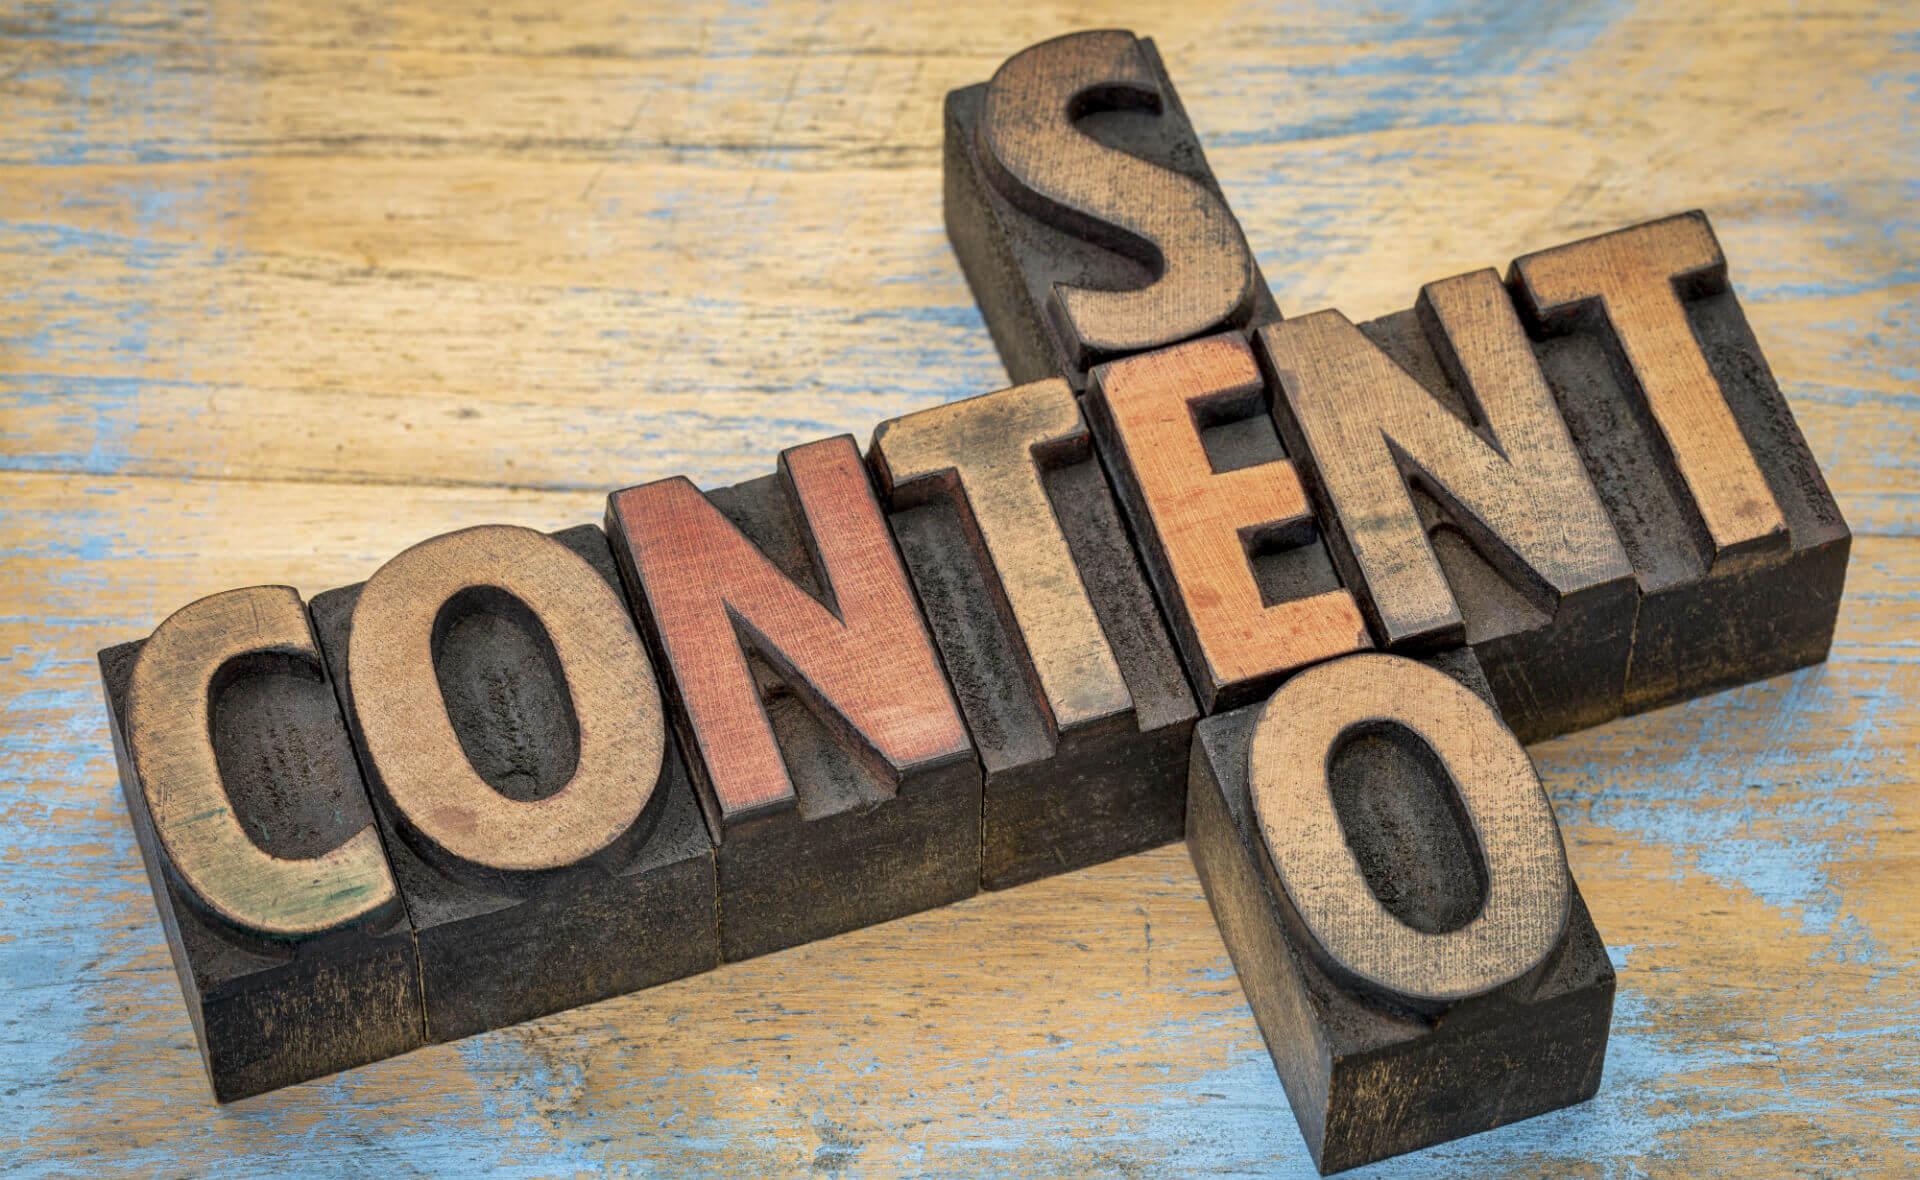 seo and content blocks - the seo plateau